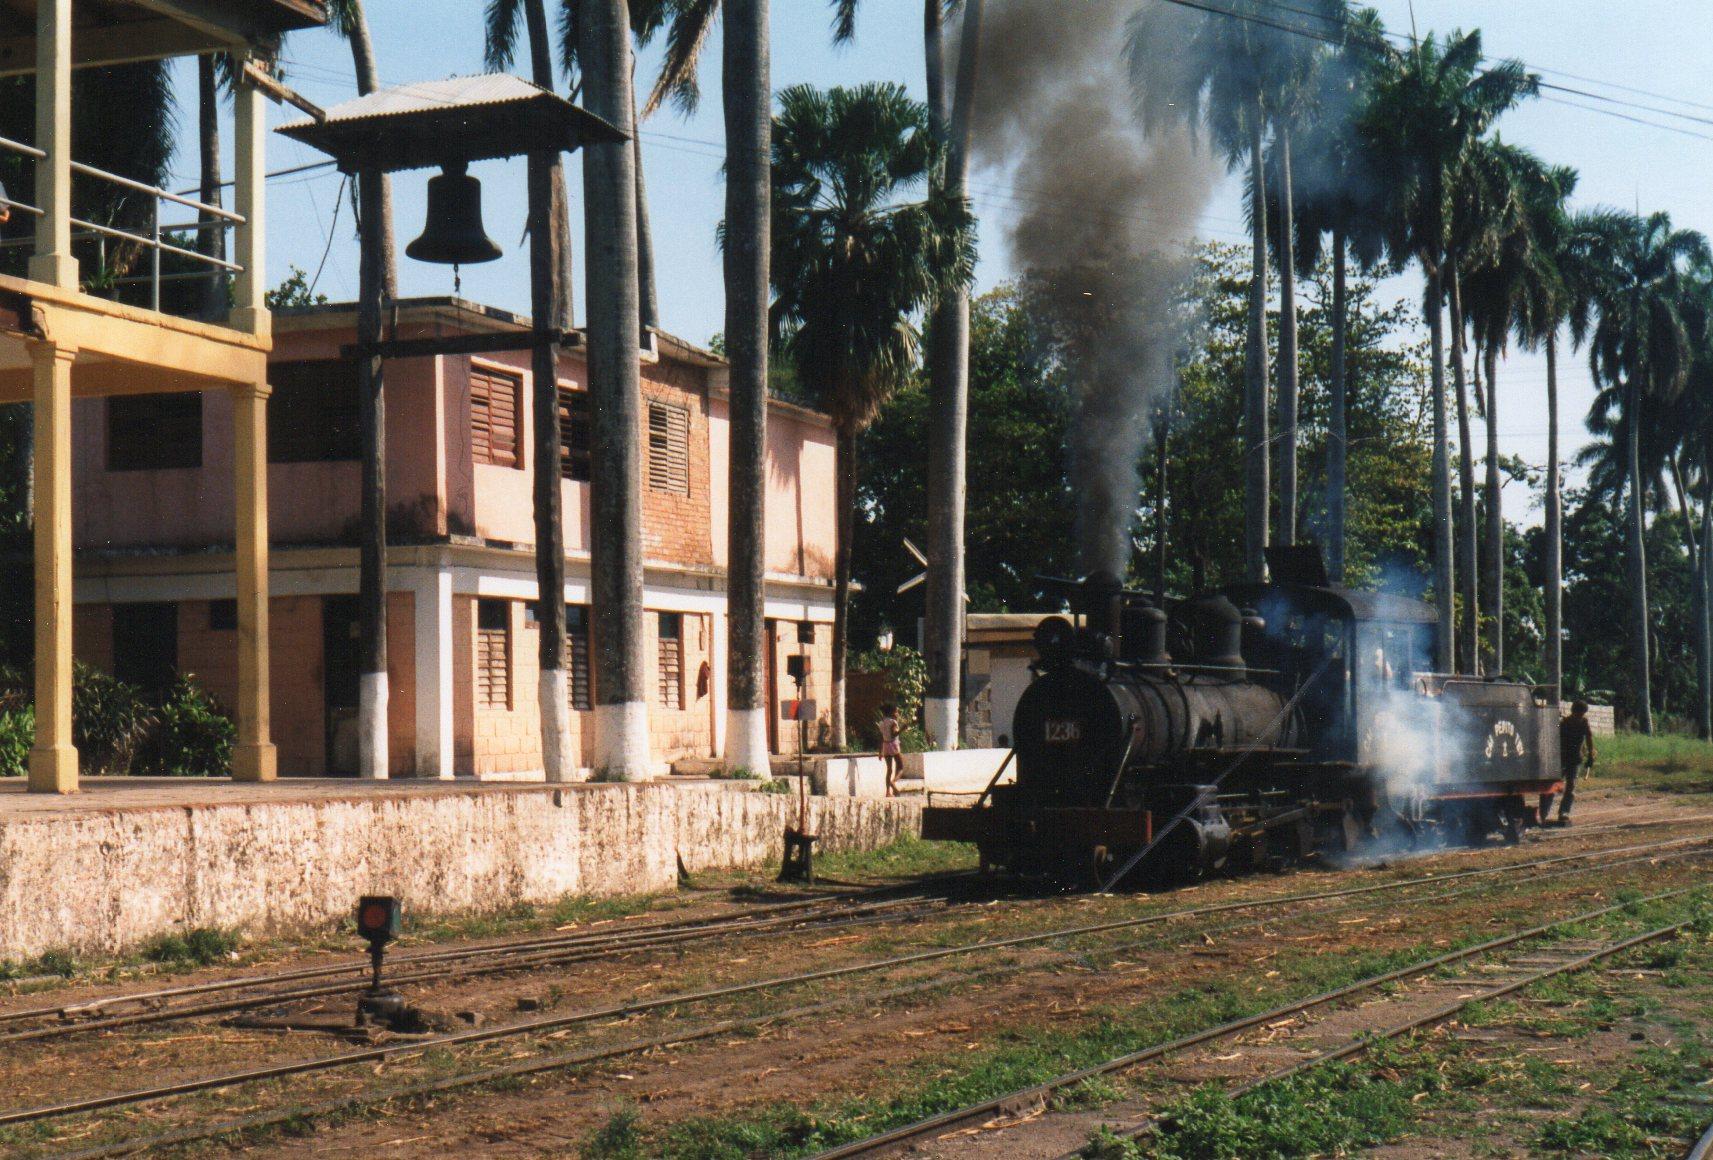 CAI 443 Pepito Tay 1246, Baldwin 35459/1910. 1'D. 762 mm. Møllen havde maleriske omgivelser. Klokken kaldte i sin tid slaverne på arbejde.